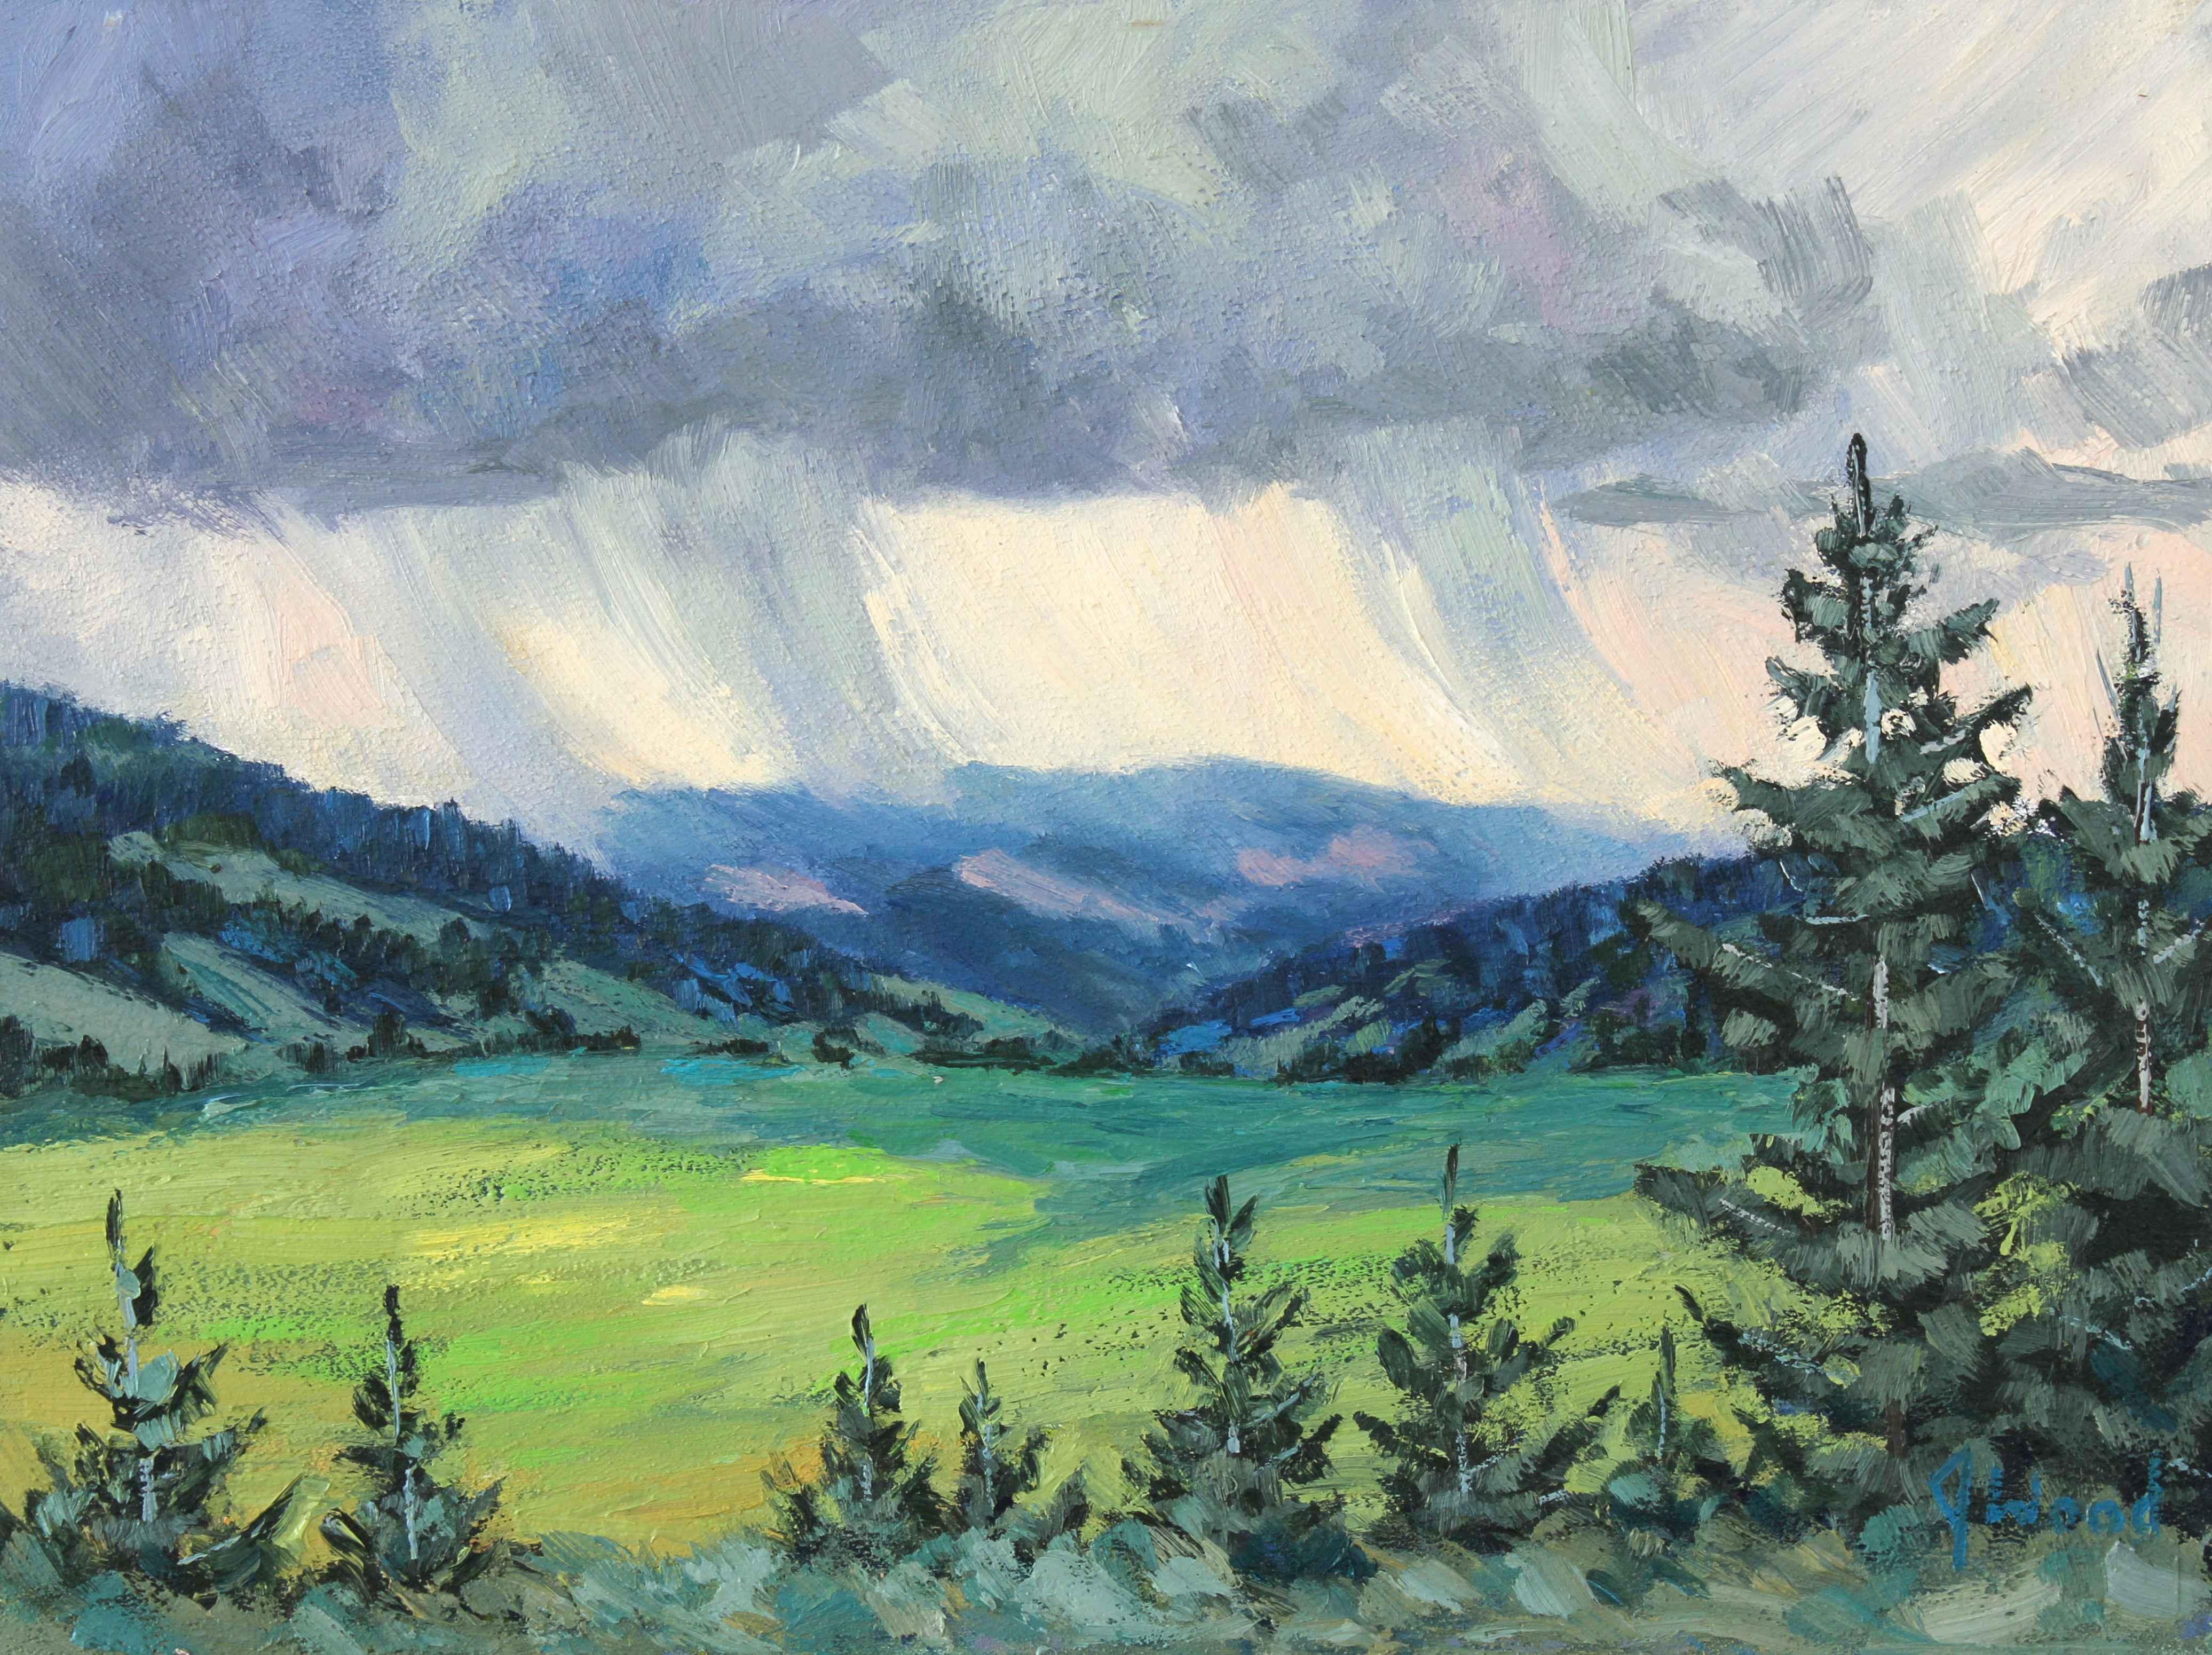 Foothills Rain